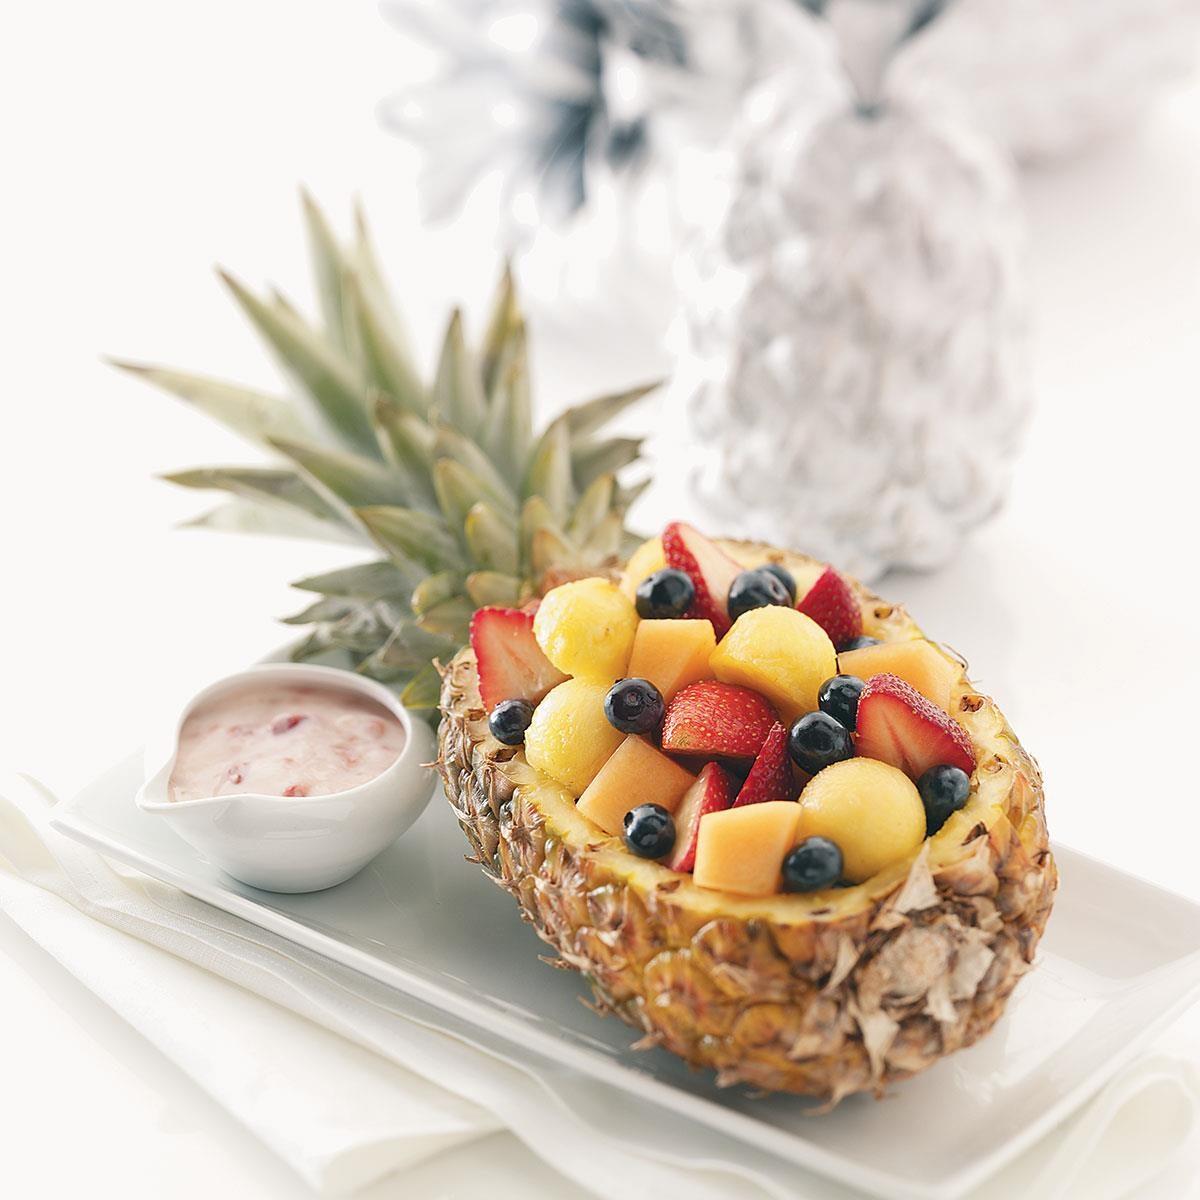 Pineapple Fruit Salad 21